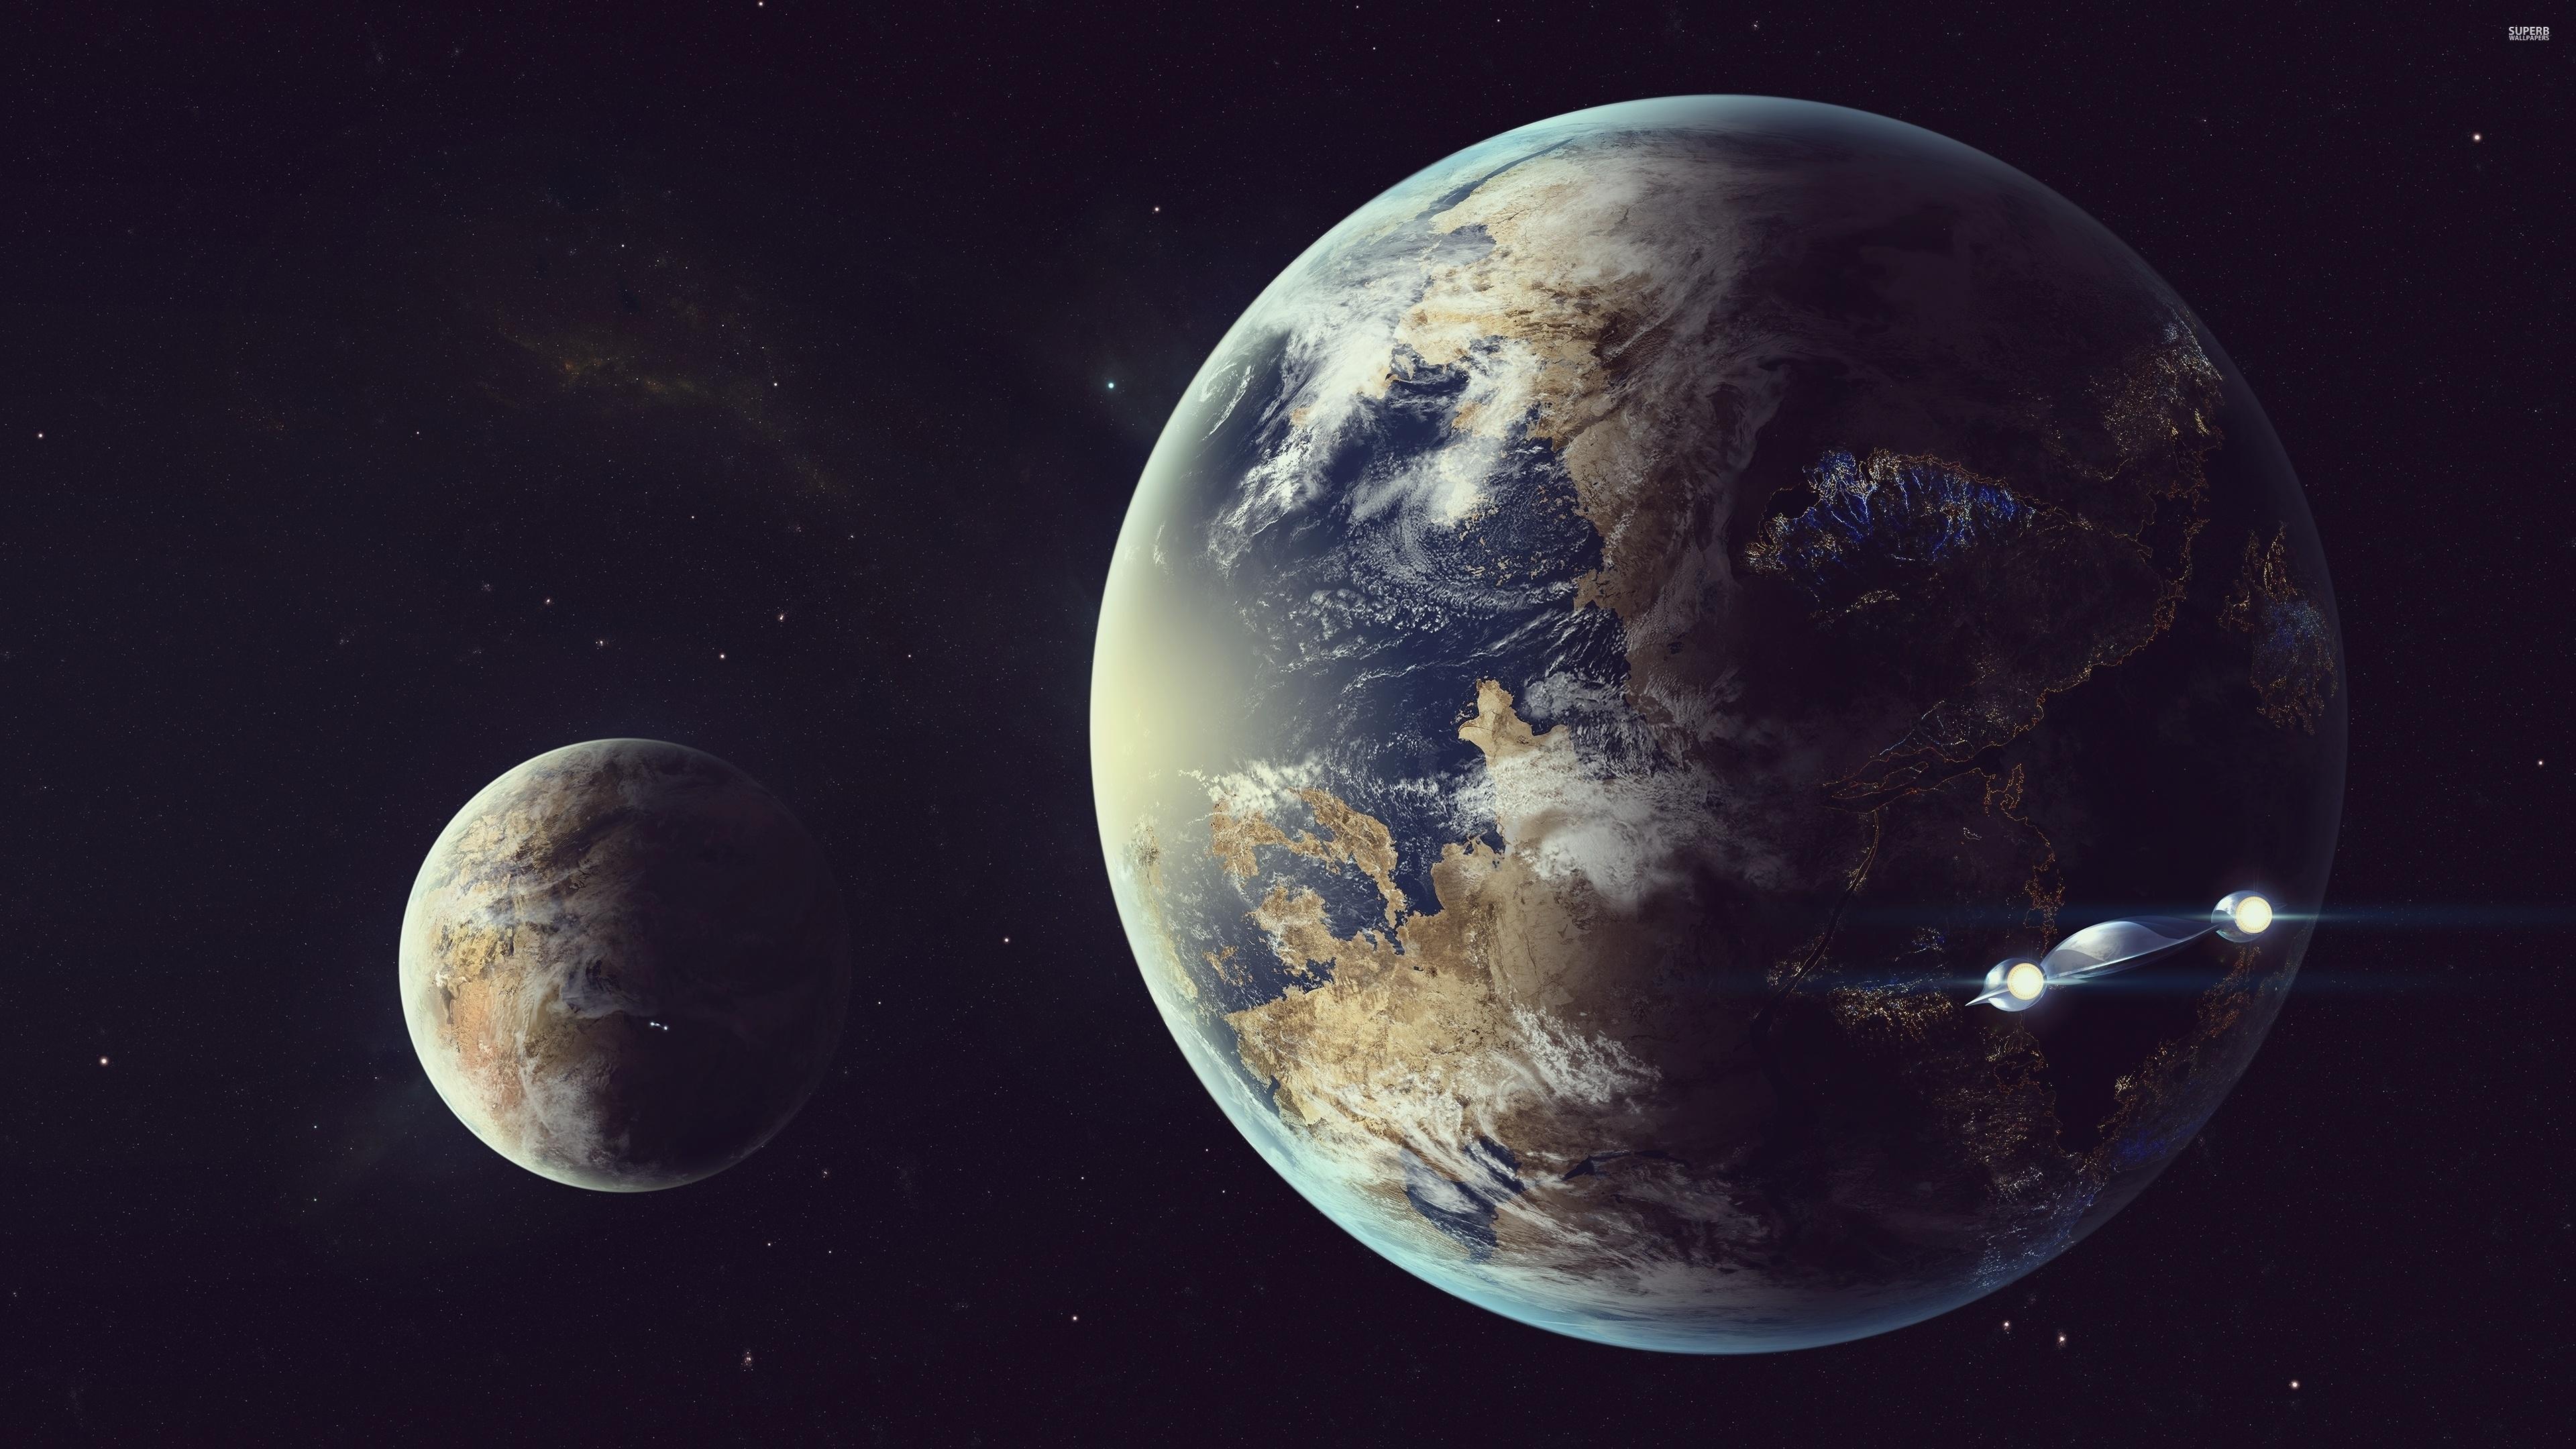 Así es como se ve la luna y la tierra a 14 millones de kilómetros